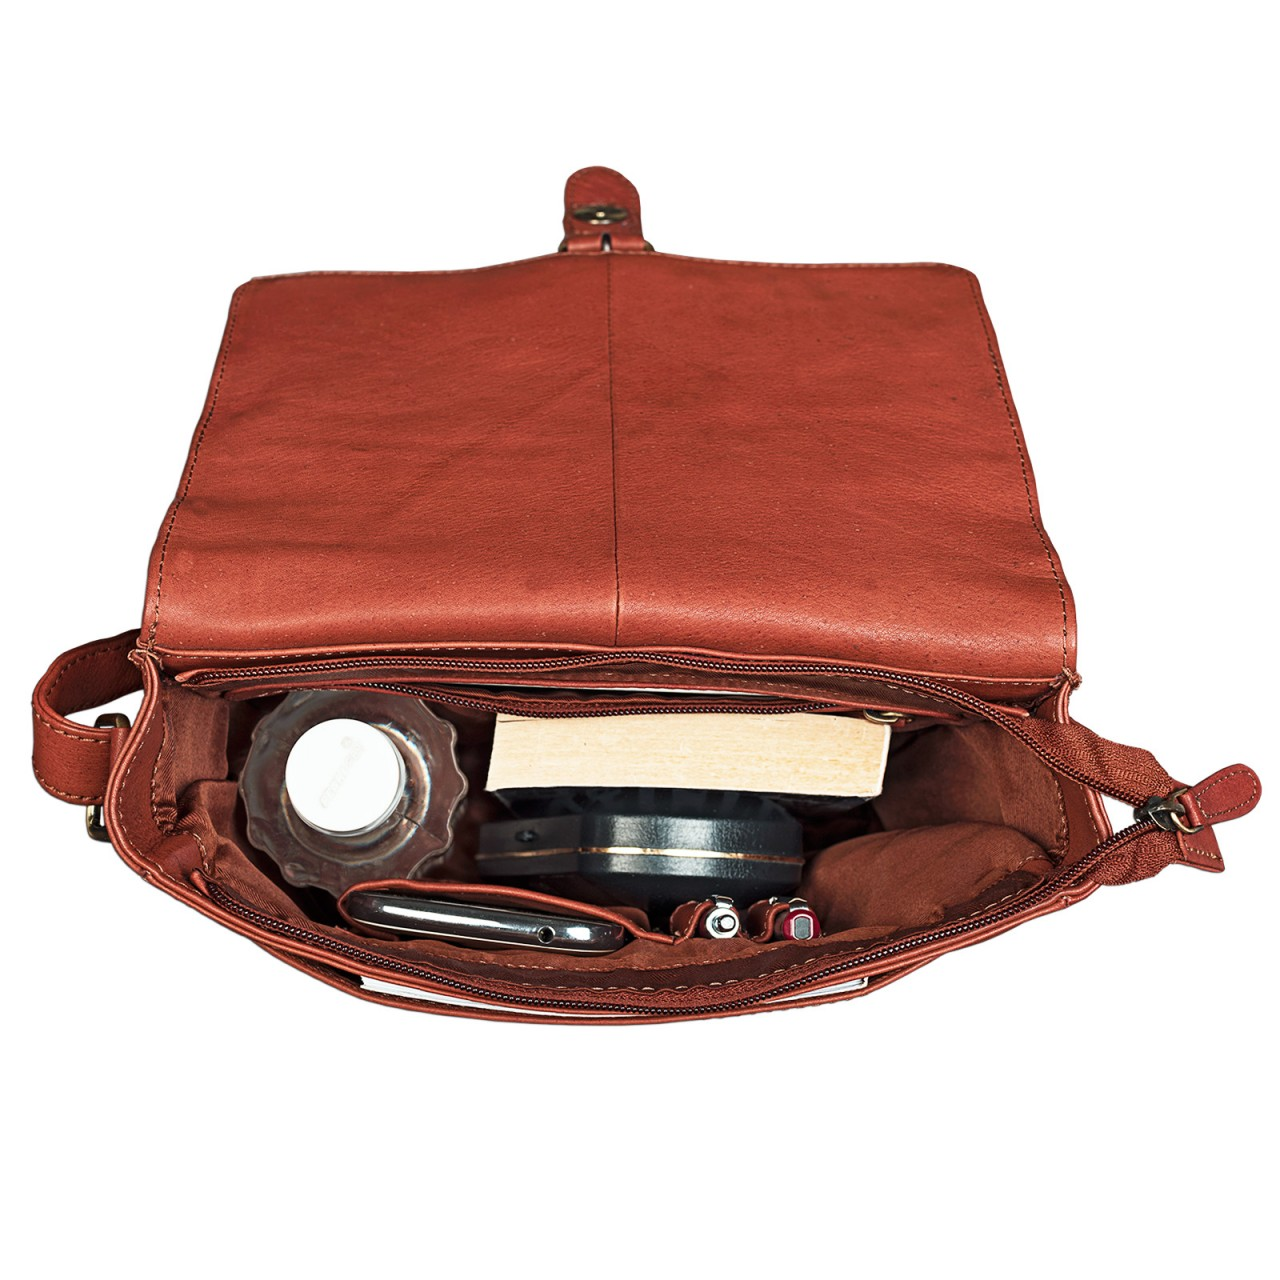 """STILORD """"Jonas"""" Vintage Herrentasche Leder braun Umhängetasche mit Reißverschluss Messenger Bag kleine Kuriertasche für 10,1 Zoll Tablet iPad echtes Leder - Bild 11"""